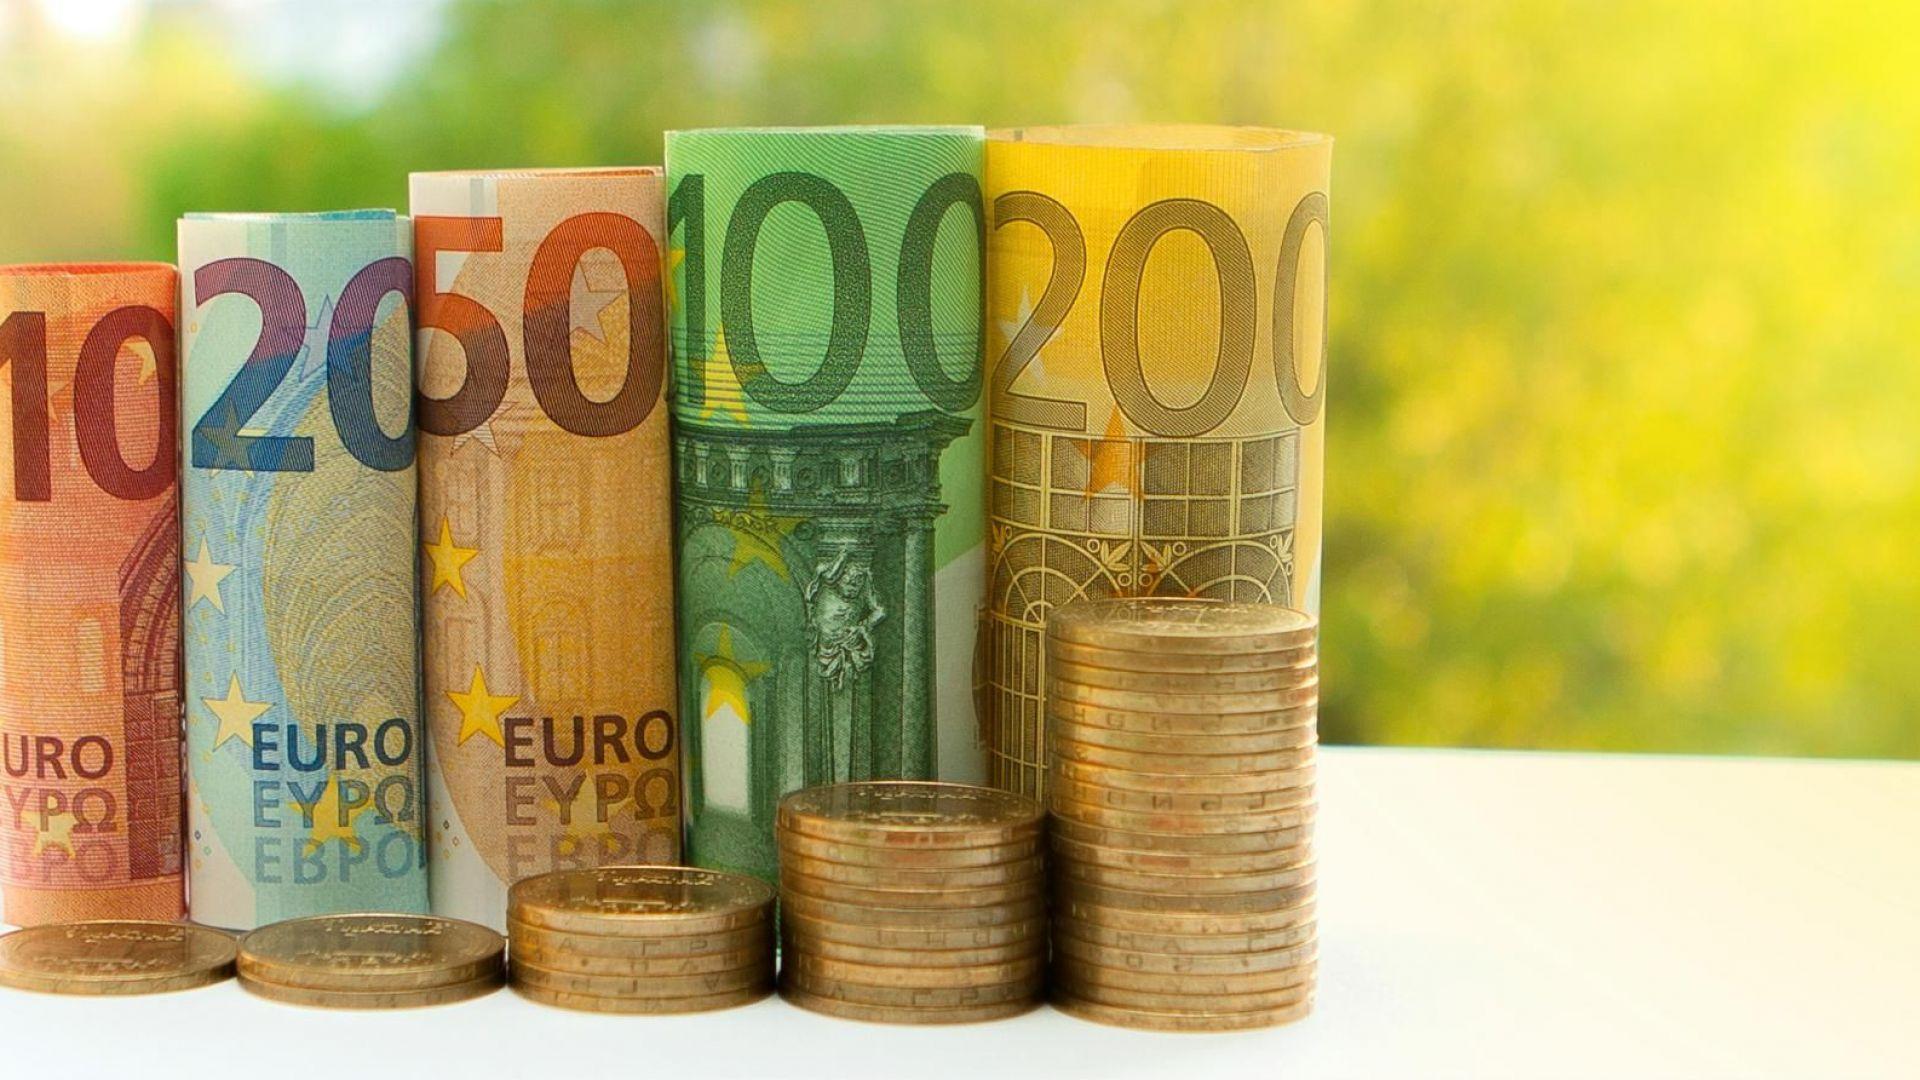 Немски експерти: Даже да влезете в еврозоната, бъдещето ви там е несигурно